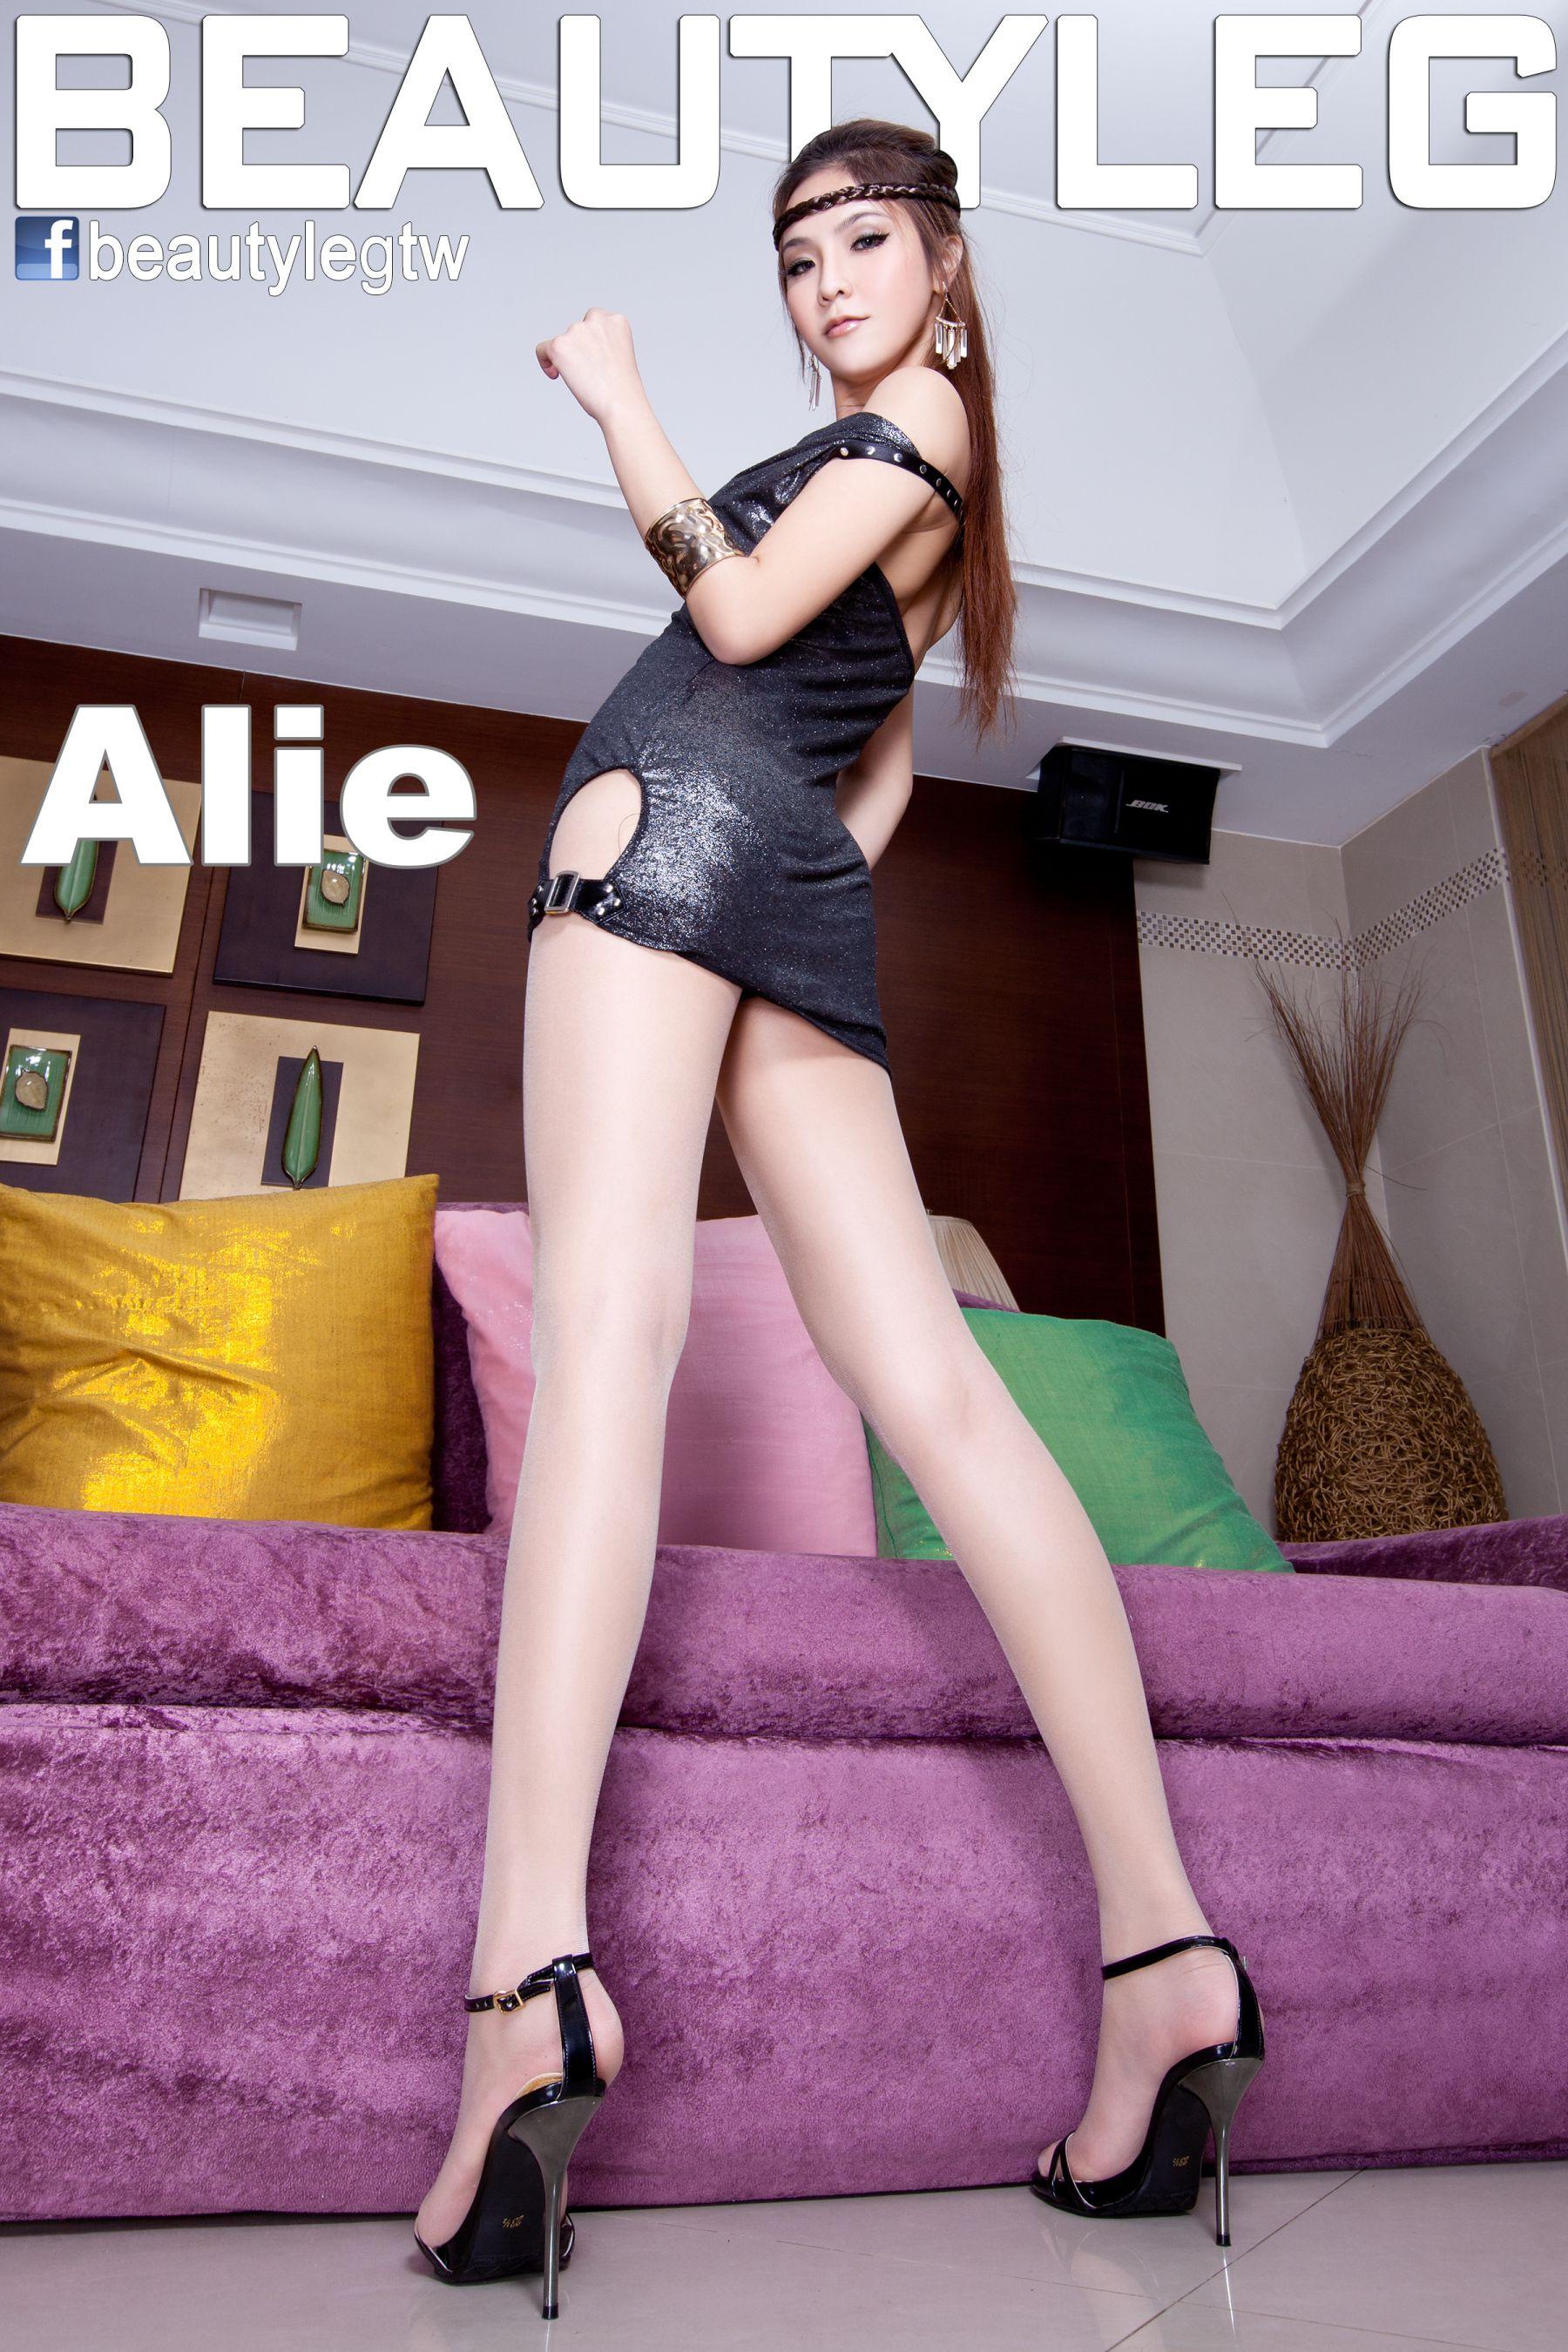 VOL.1475 [Beautyleg]美腿:腿模Alie高品质写真套图(80P)